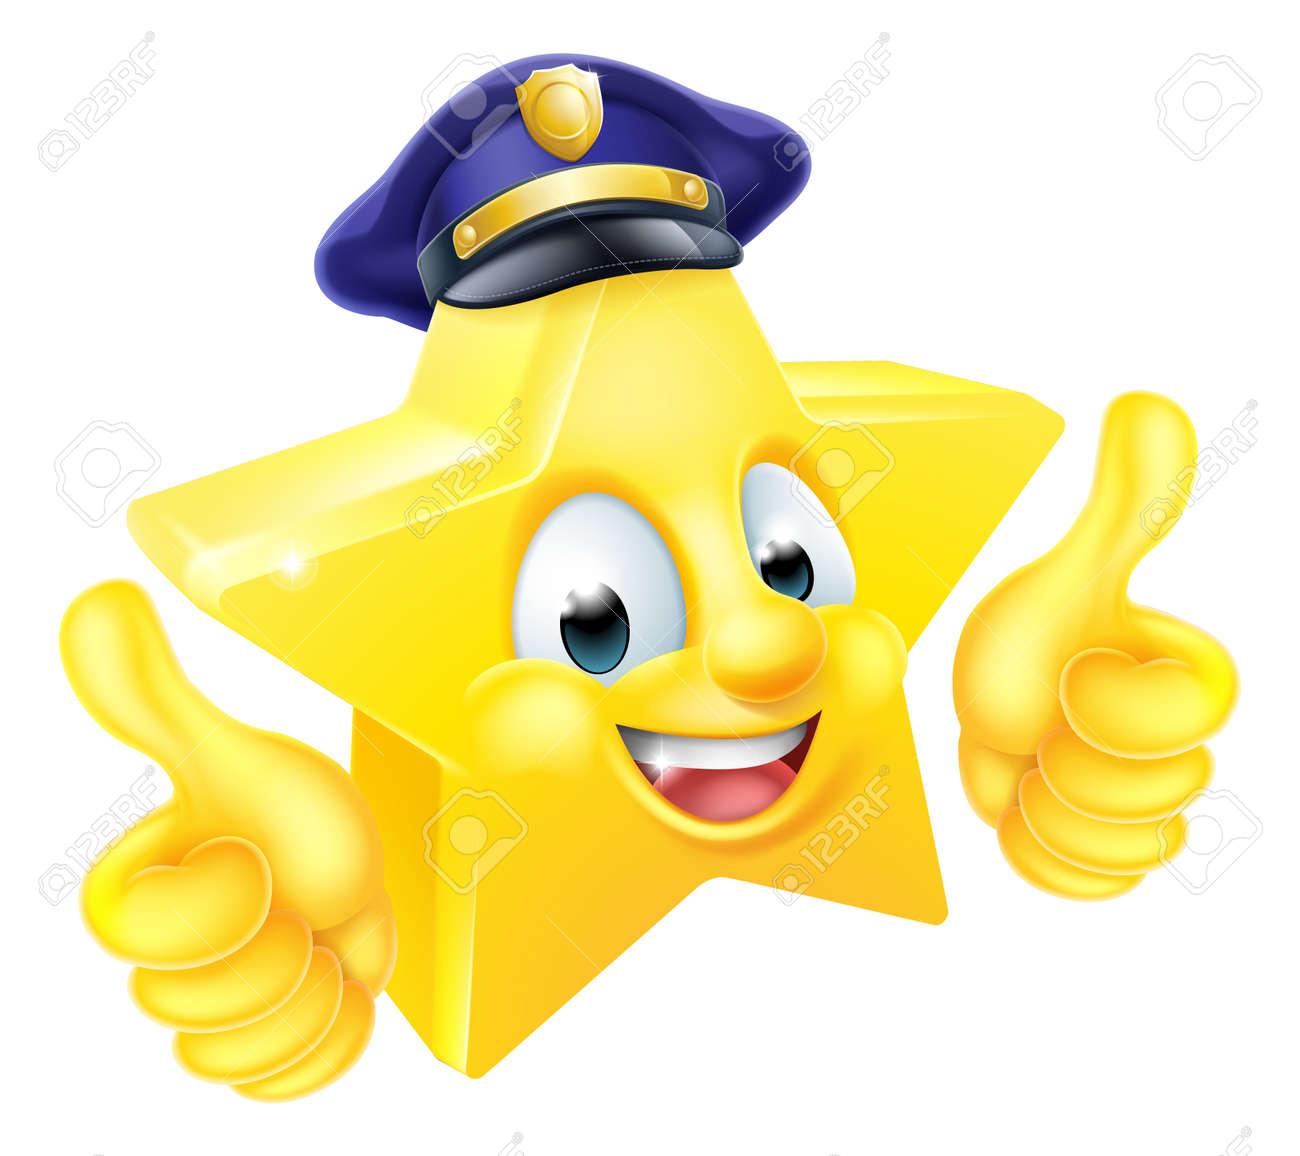 Star Cartoon Police De Emoji Emoticone Mascotte Personnage Donnant Un Coup De Pouce Clip Art Libres De Droits Vecteurs Et Illustration Image 50115840